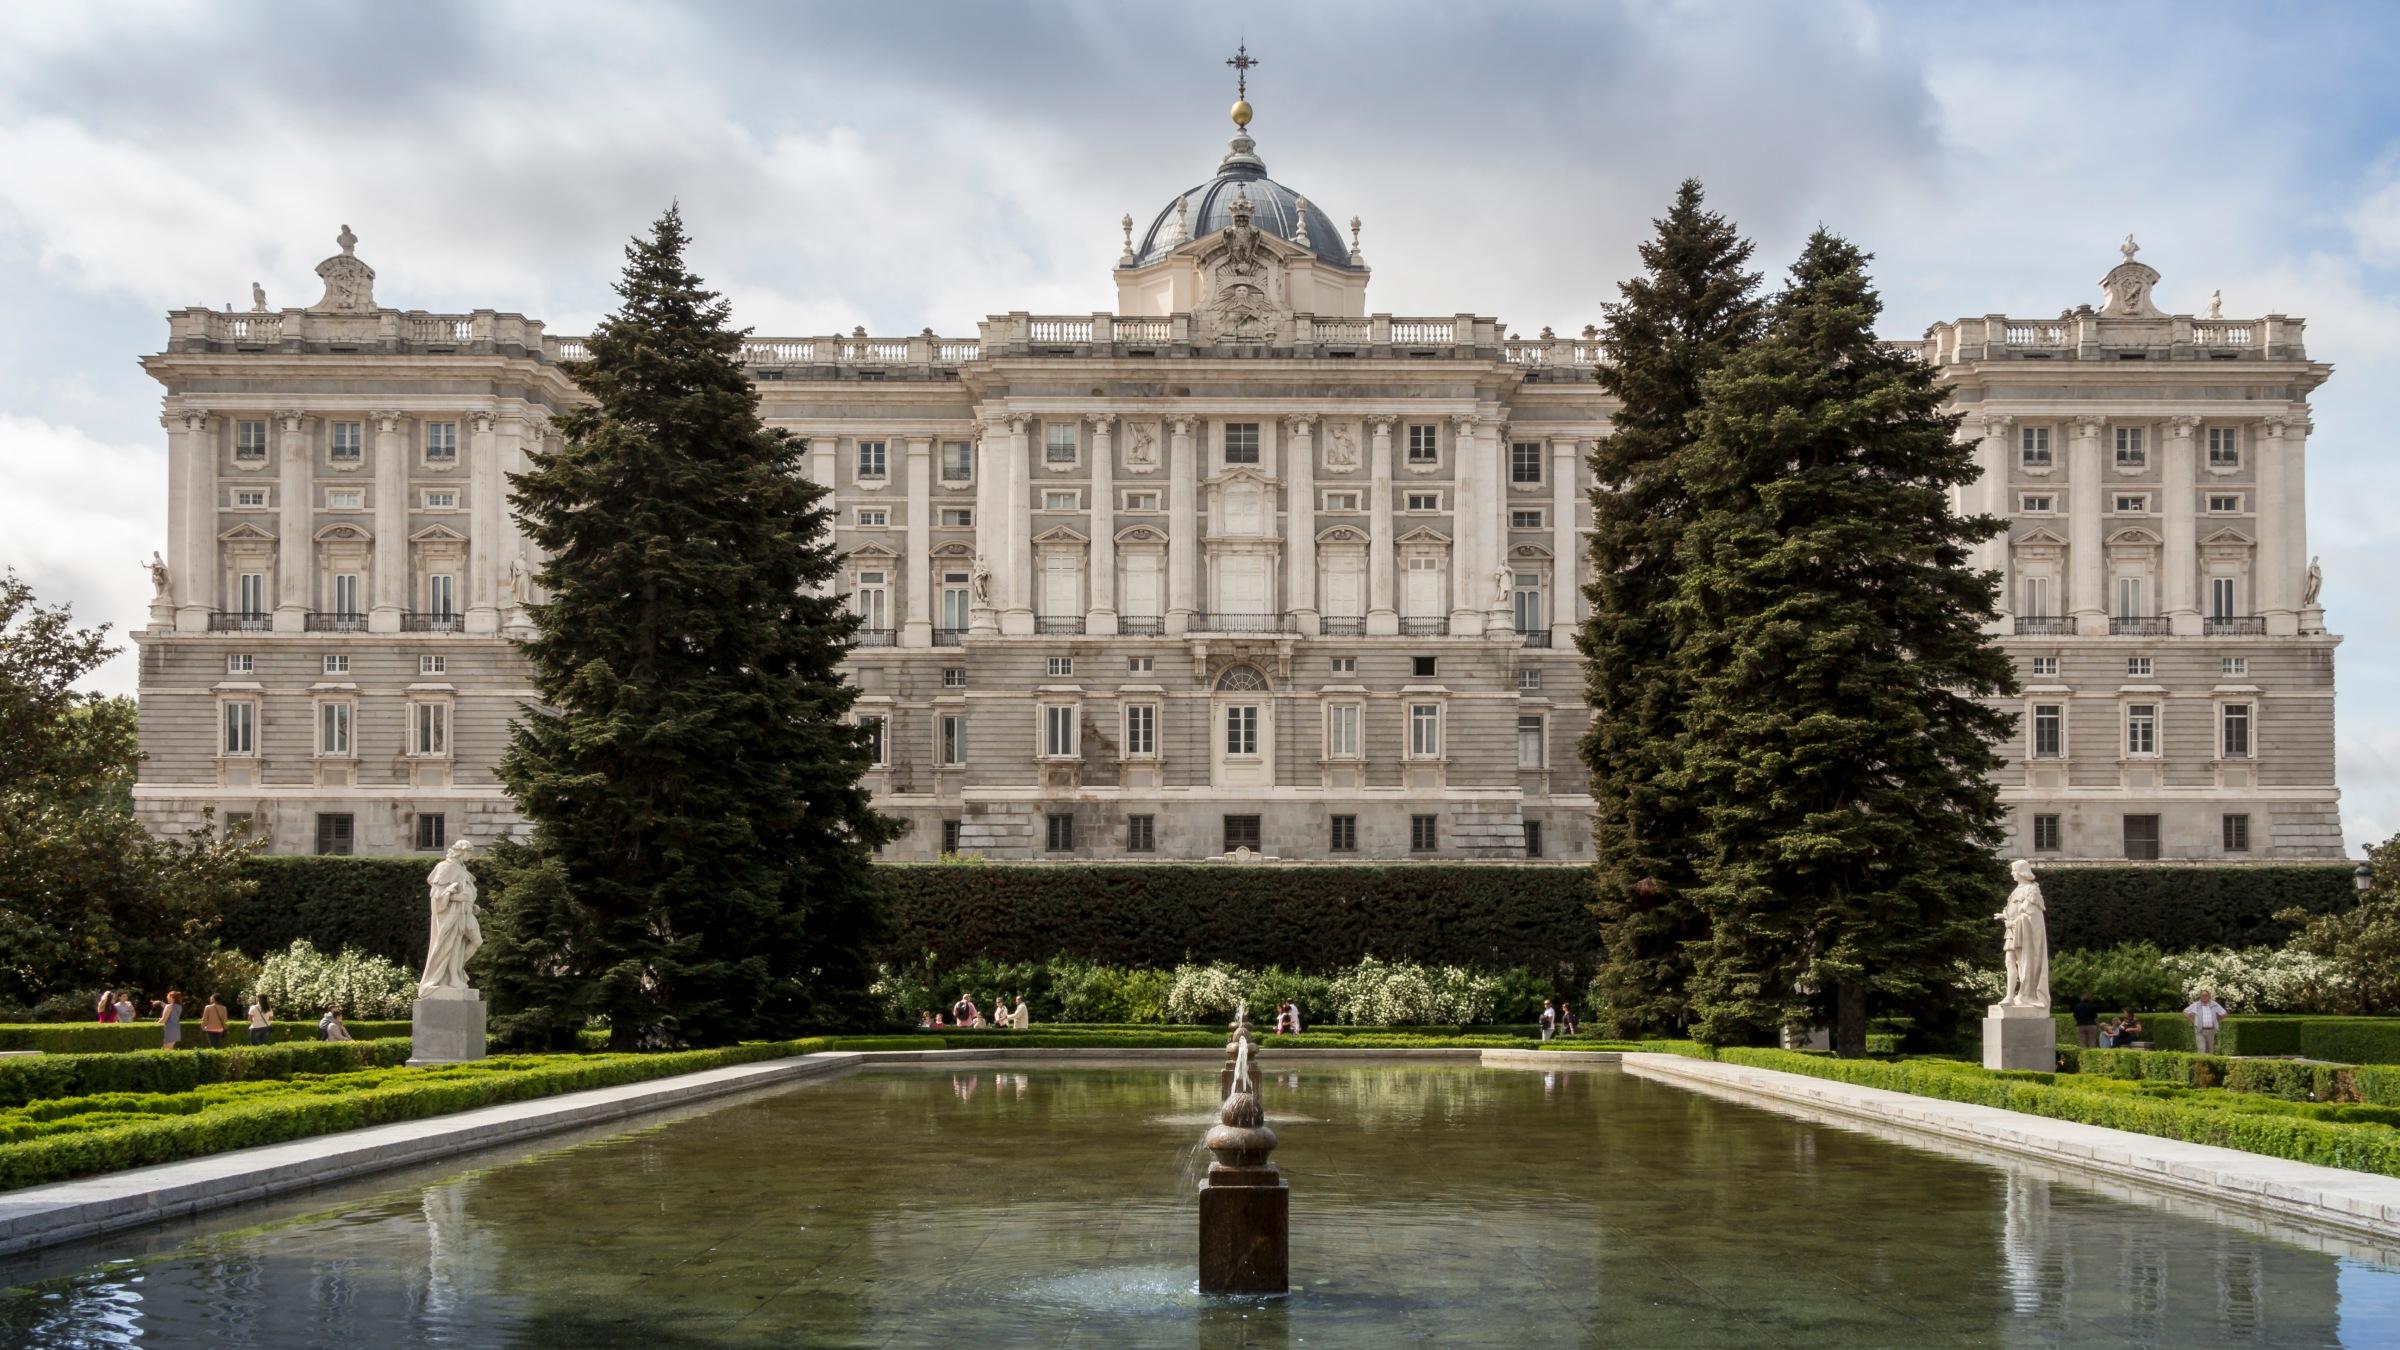 Jardines de sabatini, palacio real de madrid